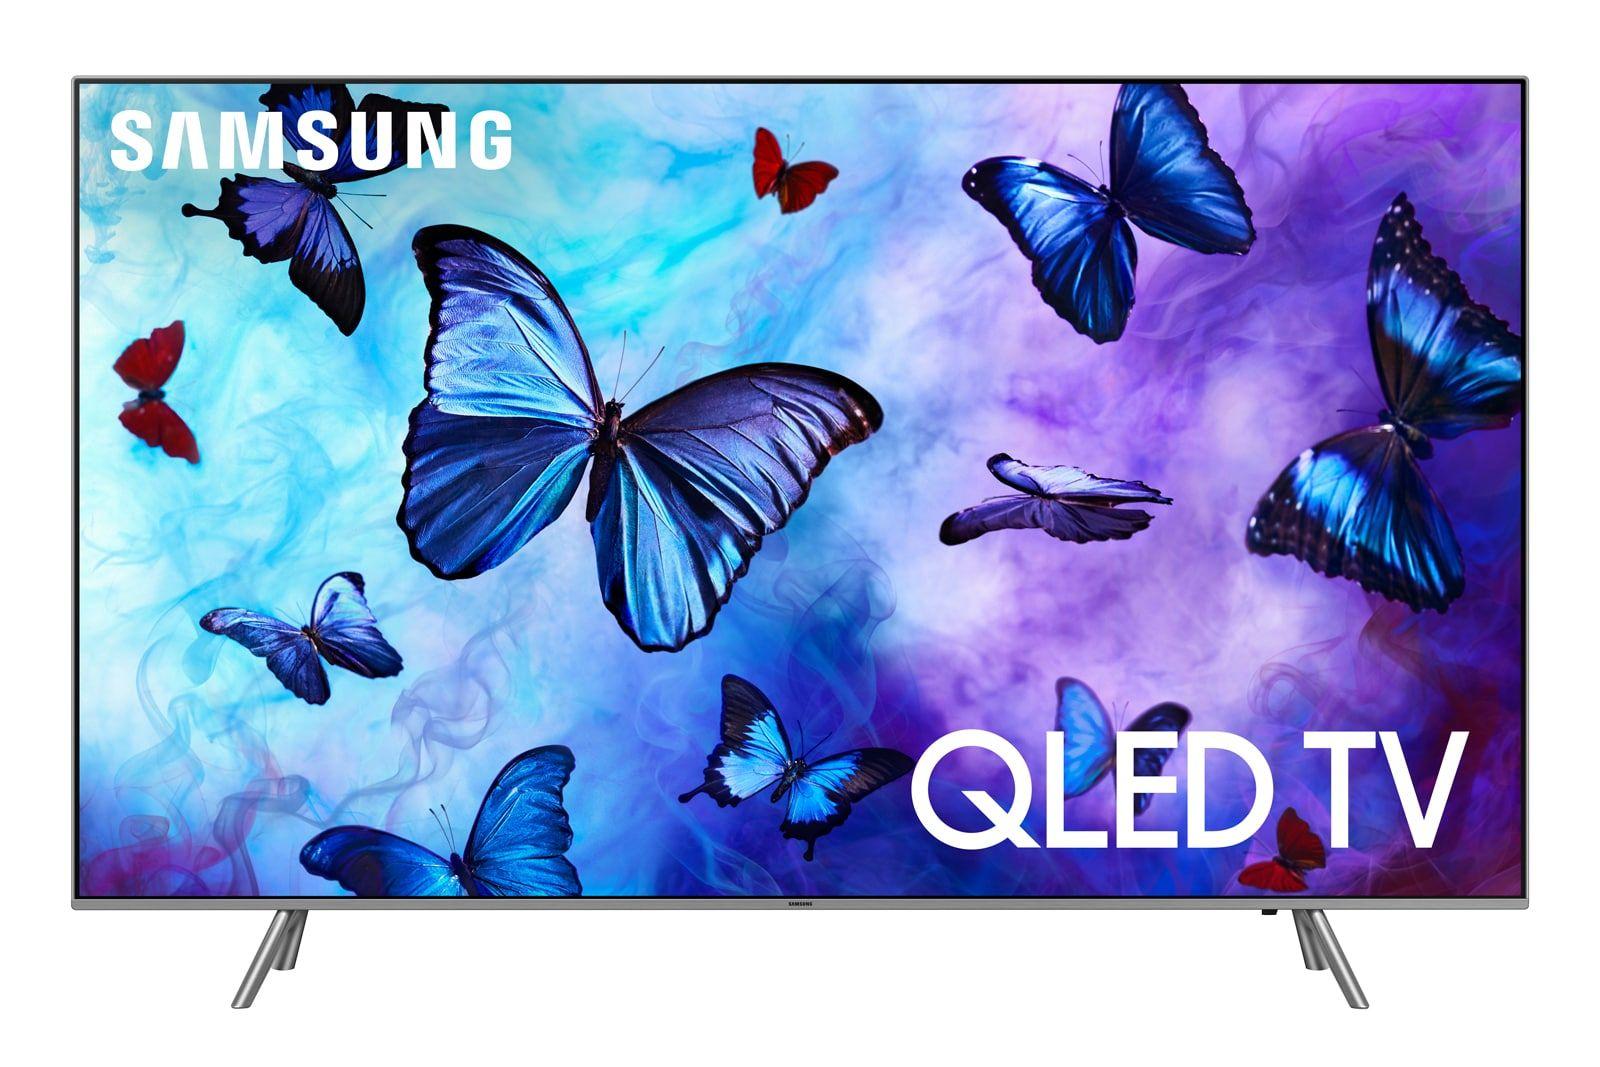 f447a9a6a0ae9ff0ca6e2d0826563ff3 - How To Get Rid Of Purple Spot On Tv